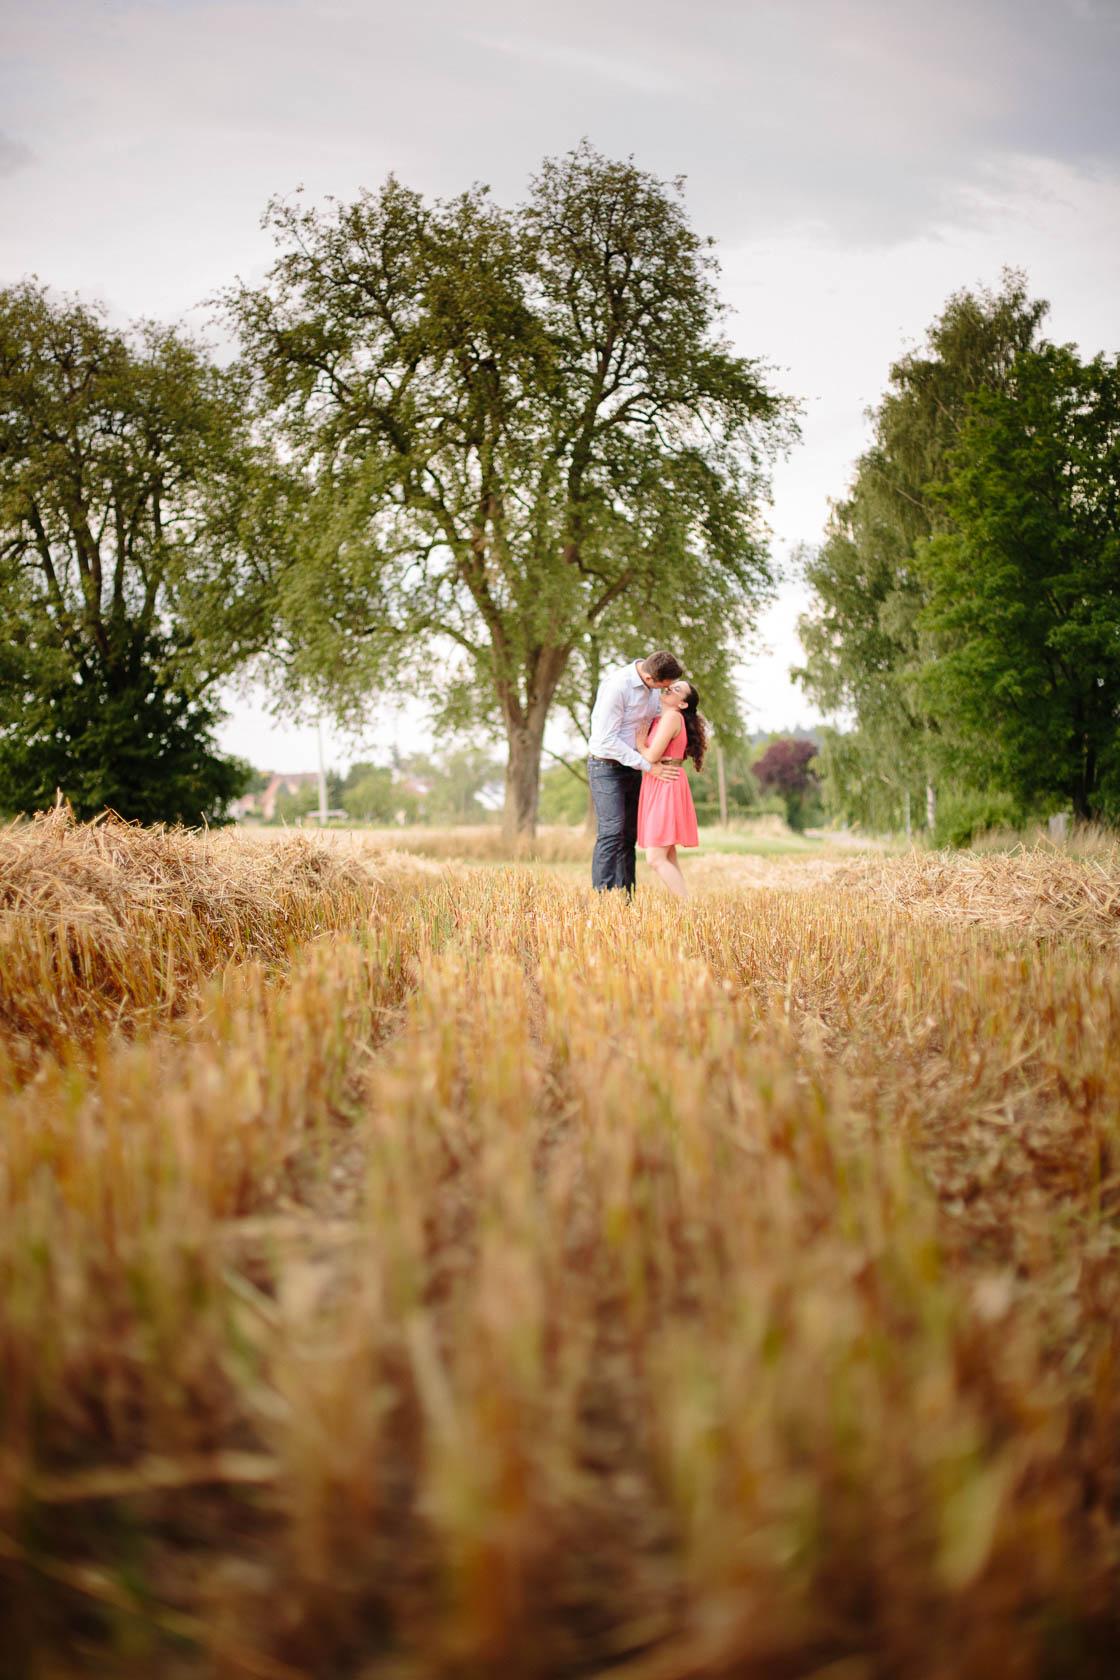 Engagement Fotoshooting von Laura und Viktor in Karlsbad Küssend im gemähten Kornfeld